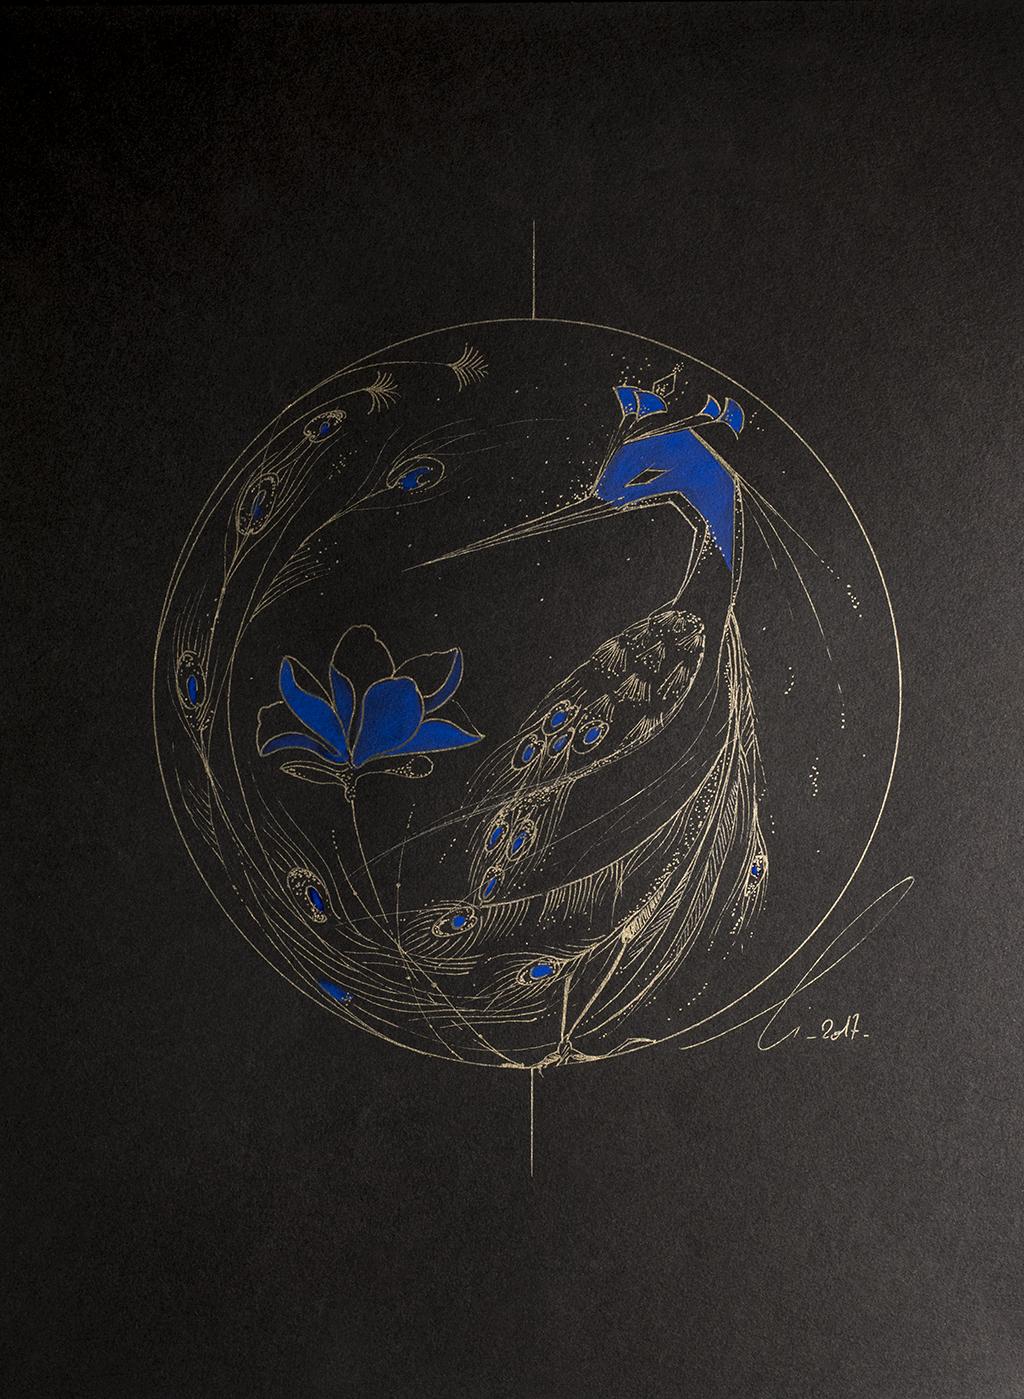 Le paon et le lotus bleu, dessin de l'oiseau en or et bleu profond aux influences japonaises